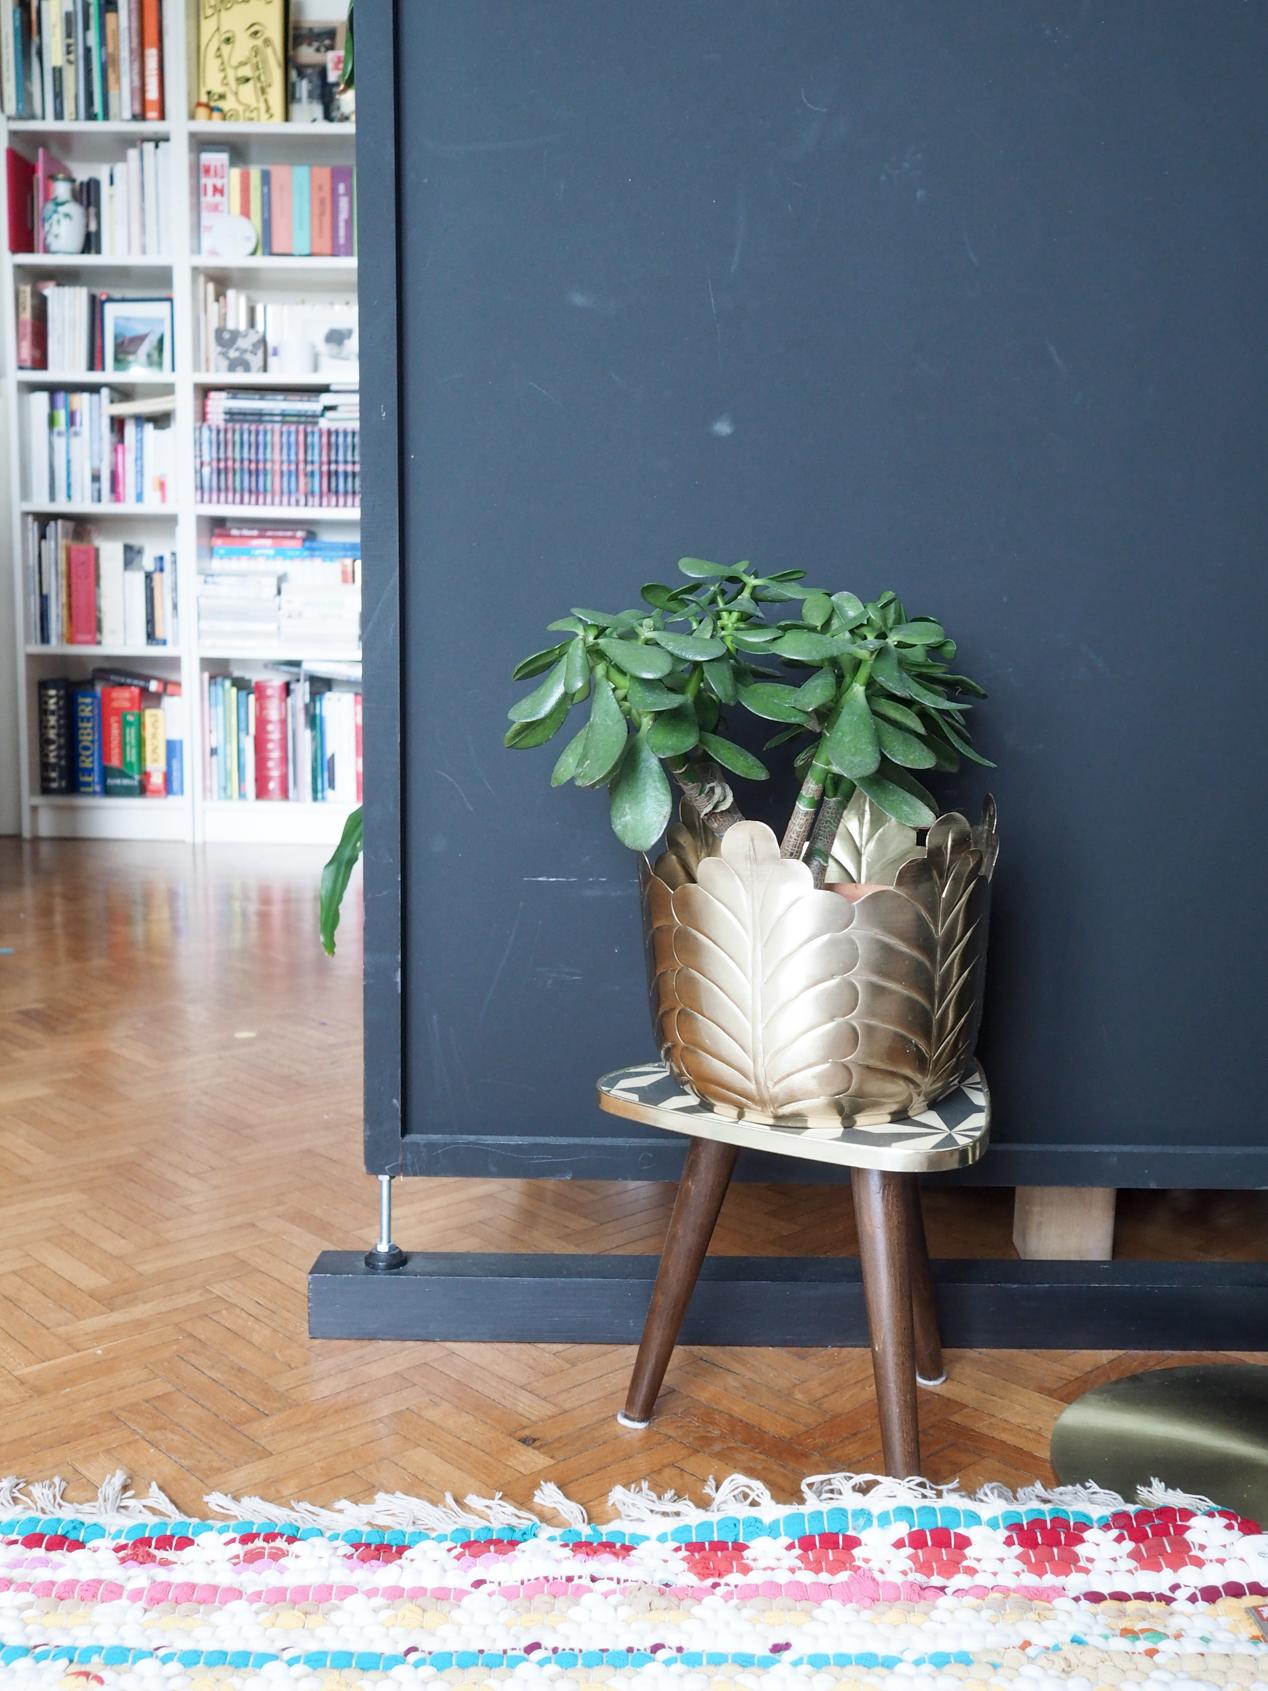 Plantes interieur depolluantes detoxifiantes guide Truffaut domus l La Fiancee du Panda blog deco et lifestyle-7203475